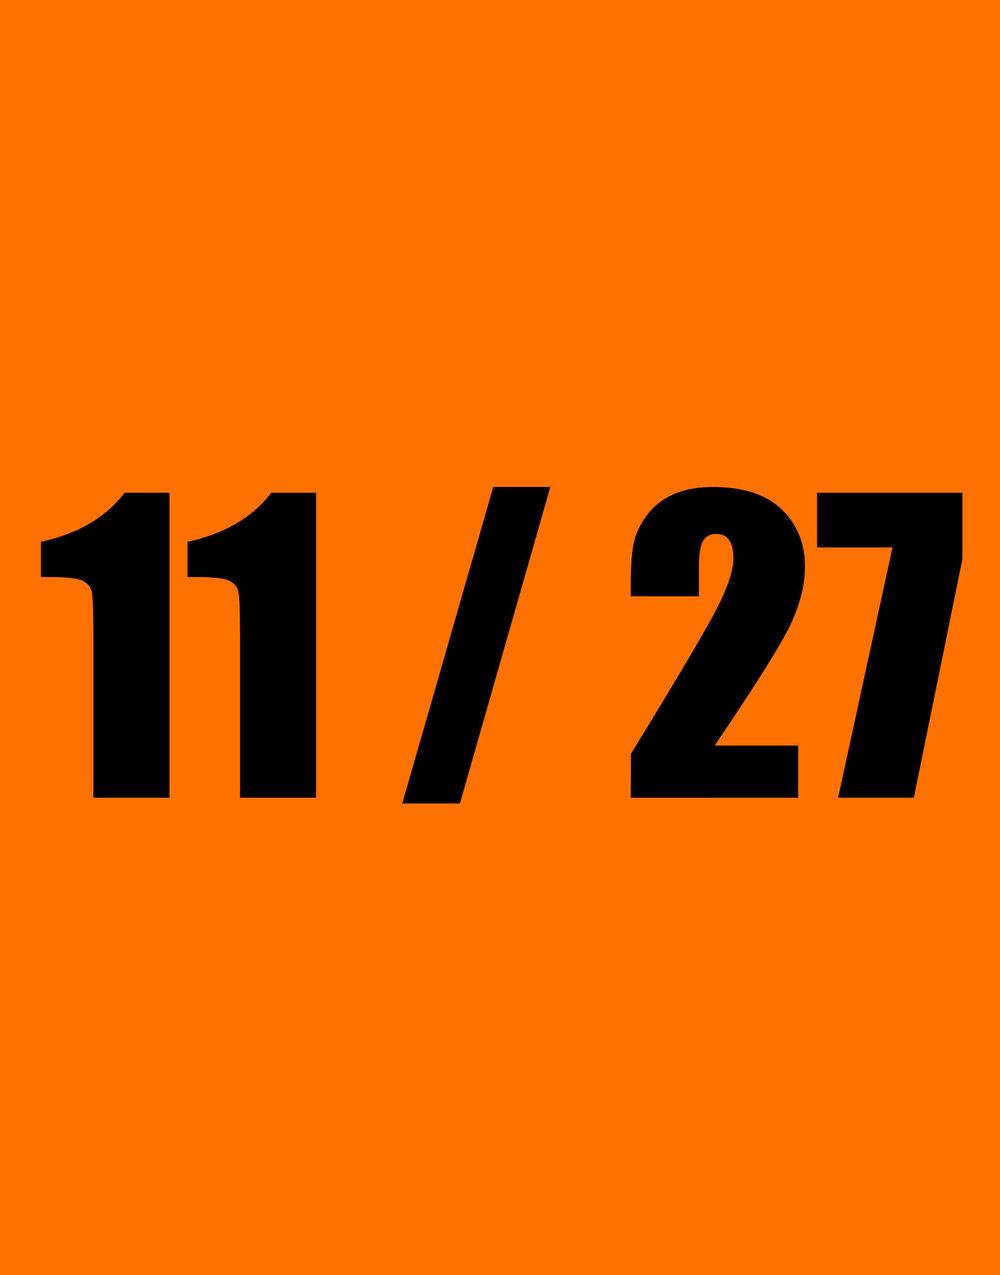 11-27.jpg